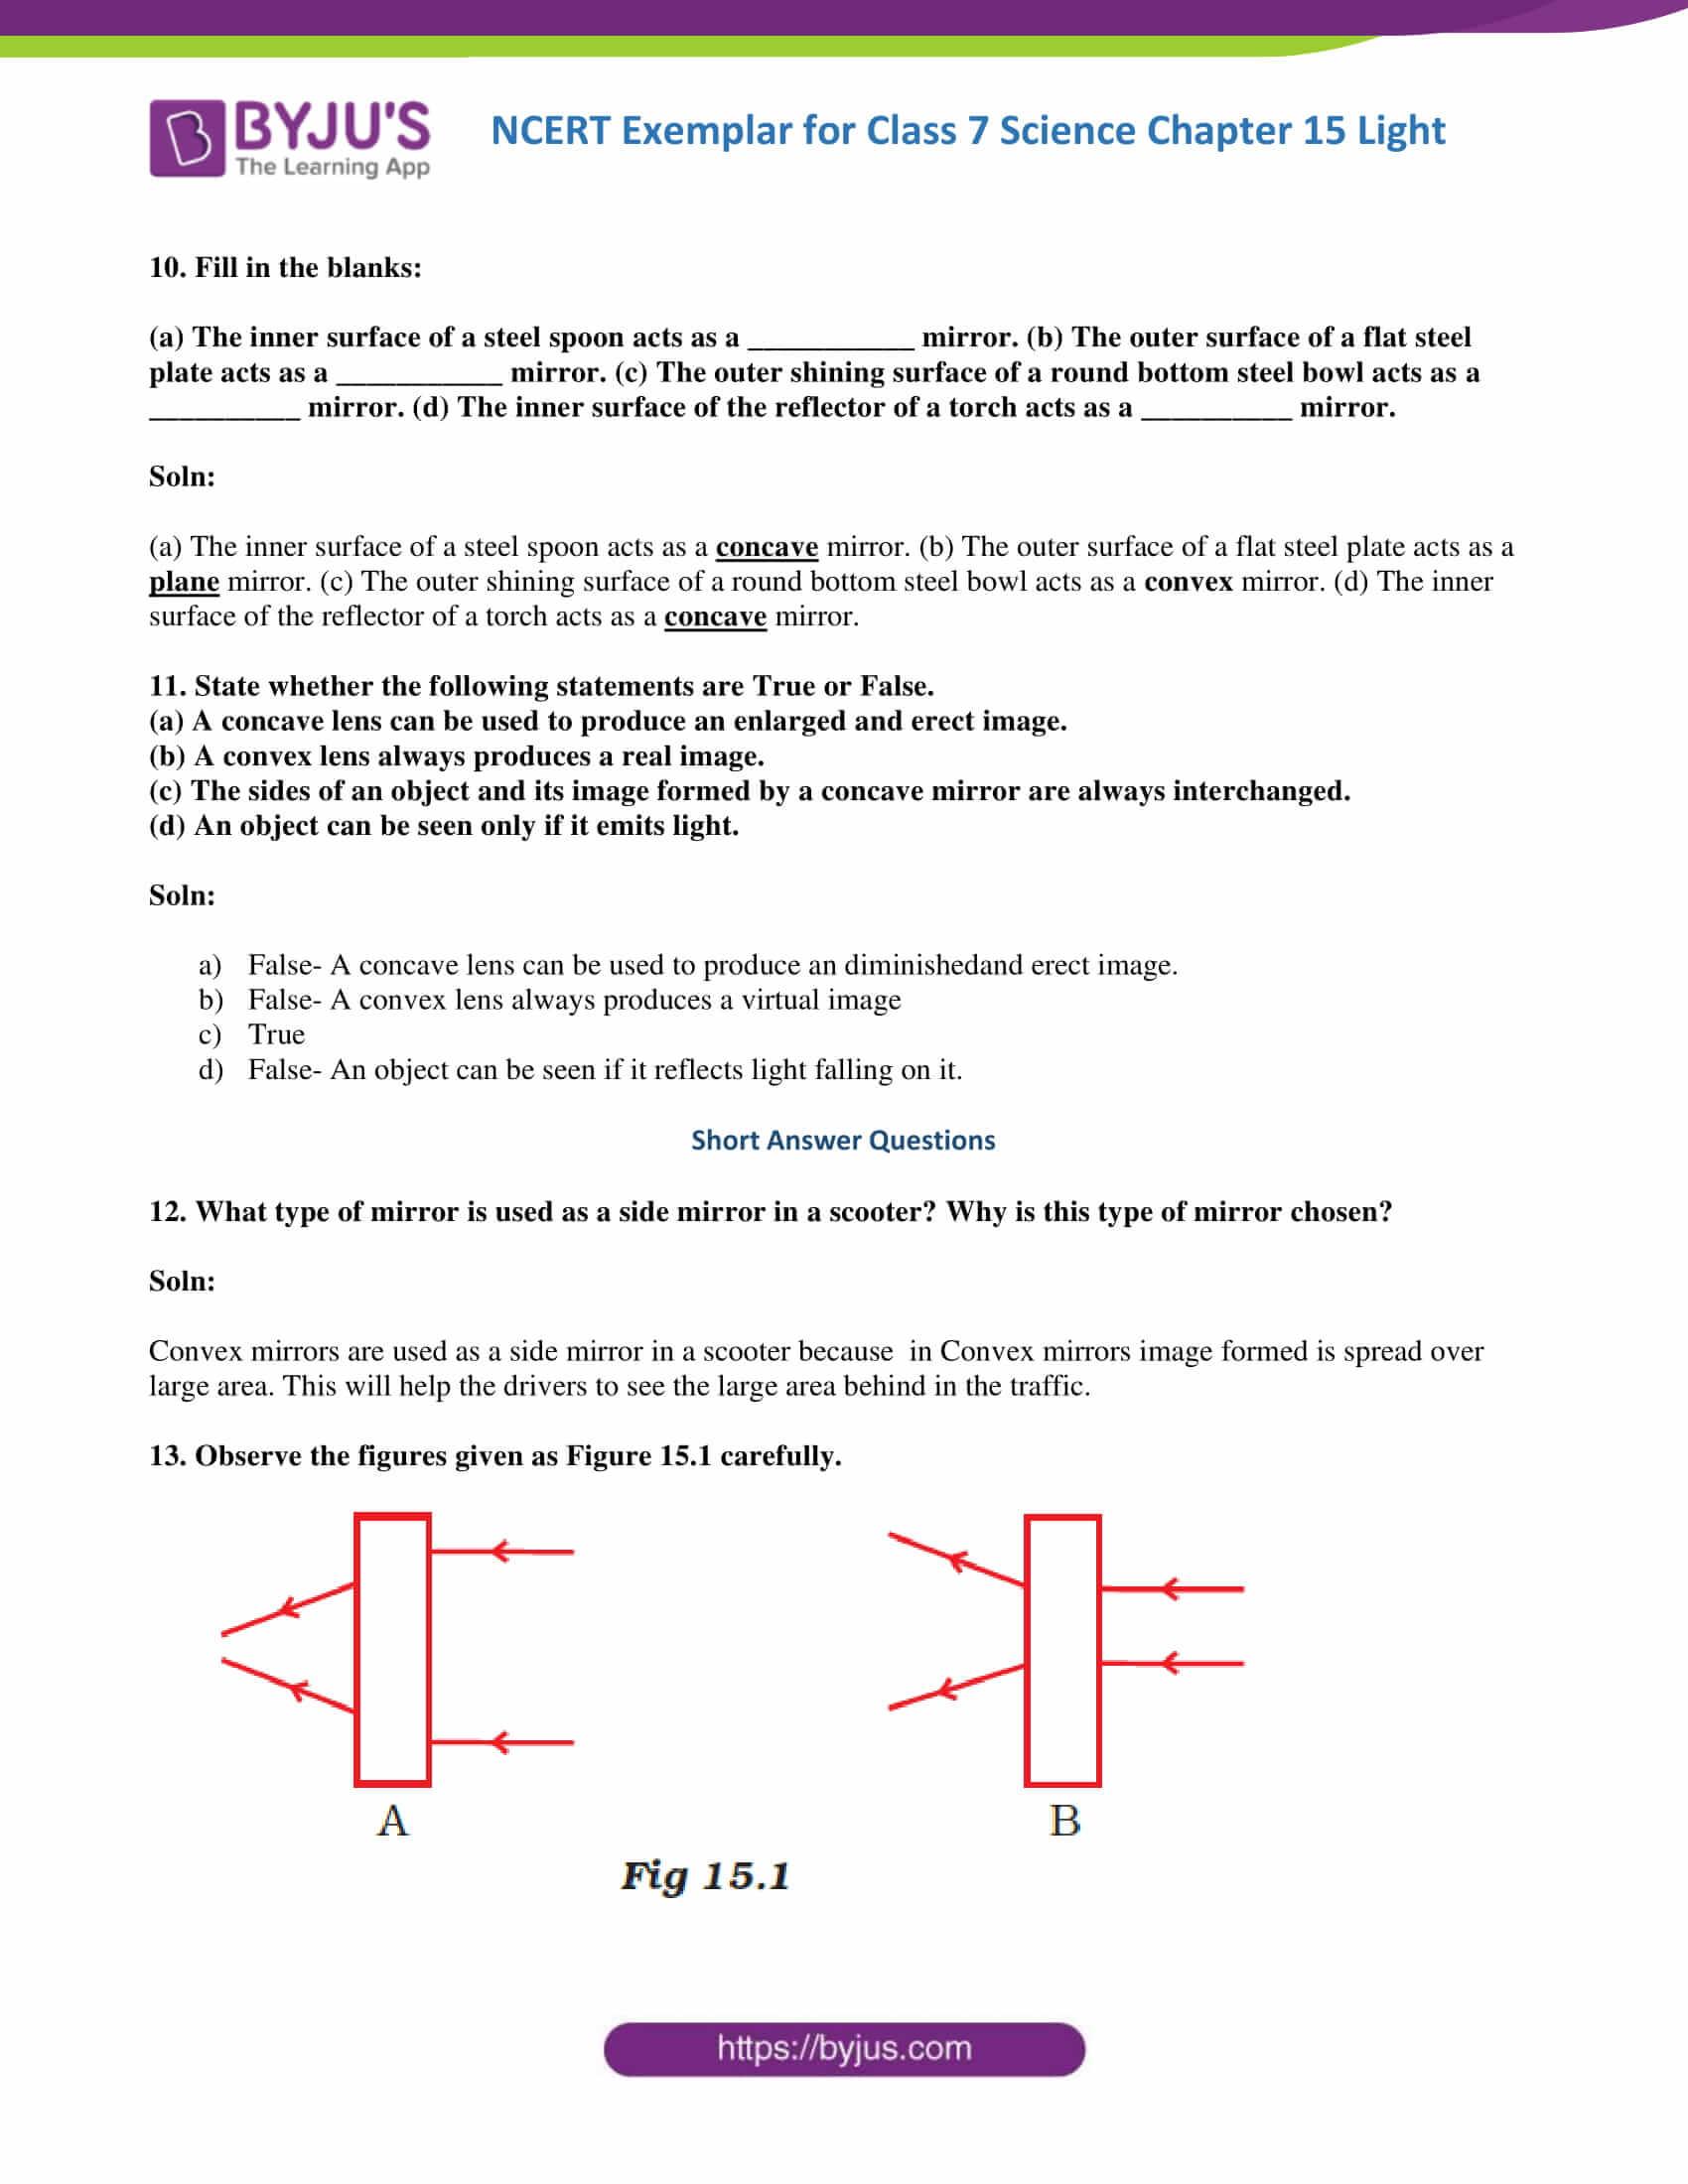 NCERT Exemplar solution class 7 science Chapter 15 4